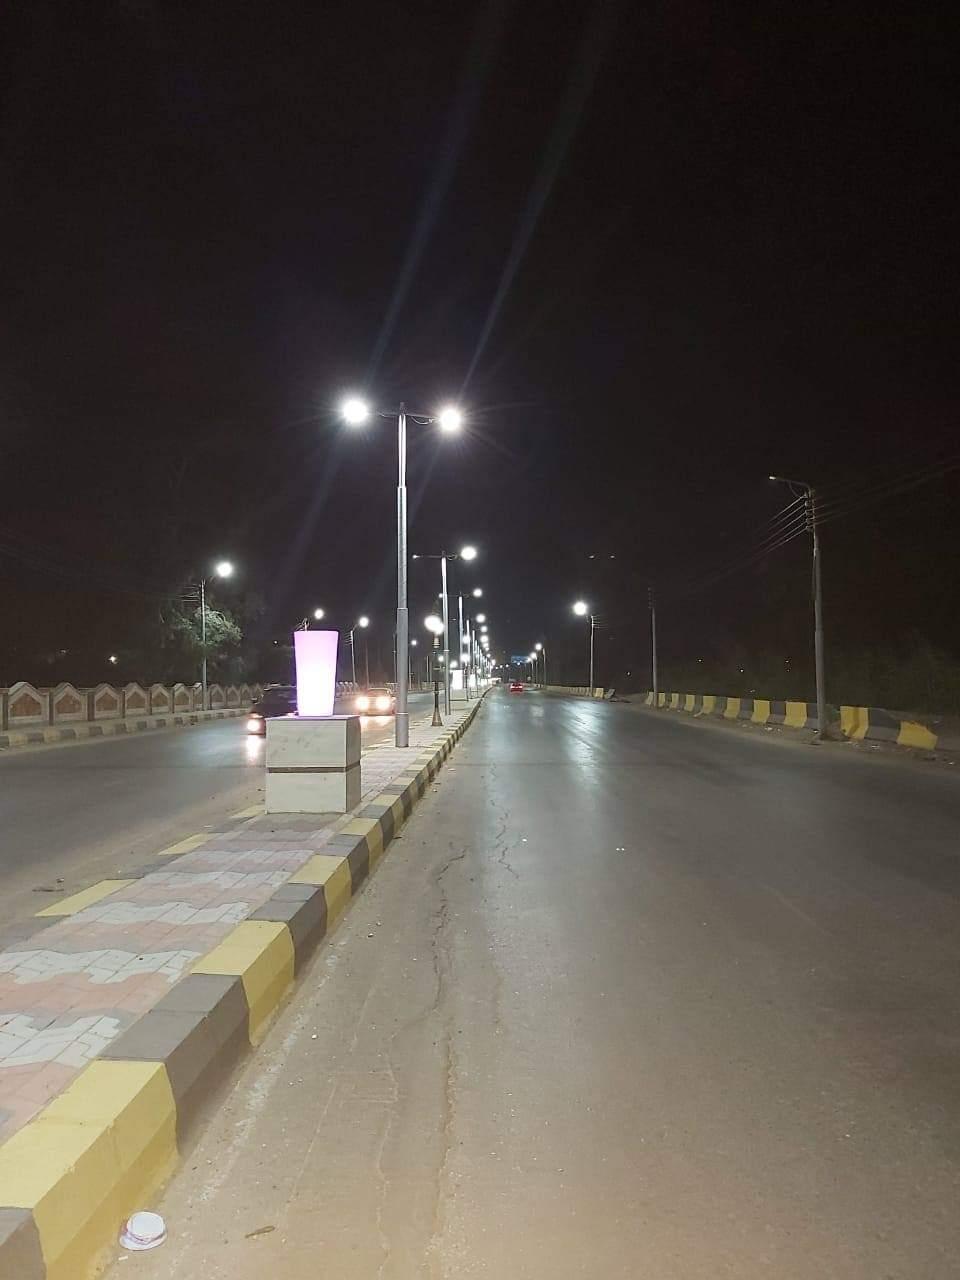 إنارة طريق السحارة بكشافات الليد ضمن مبادرة تطوير الشوارع (5)